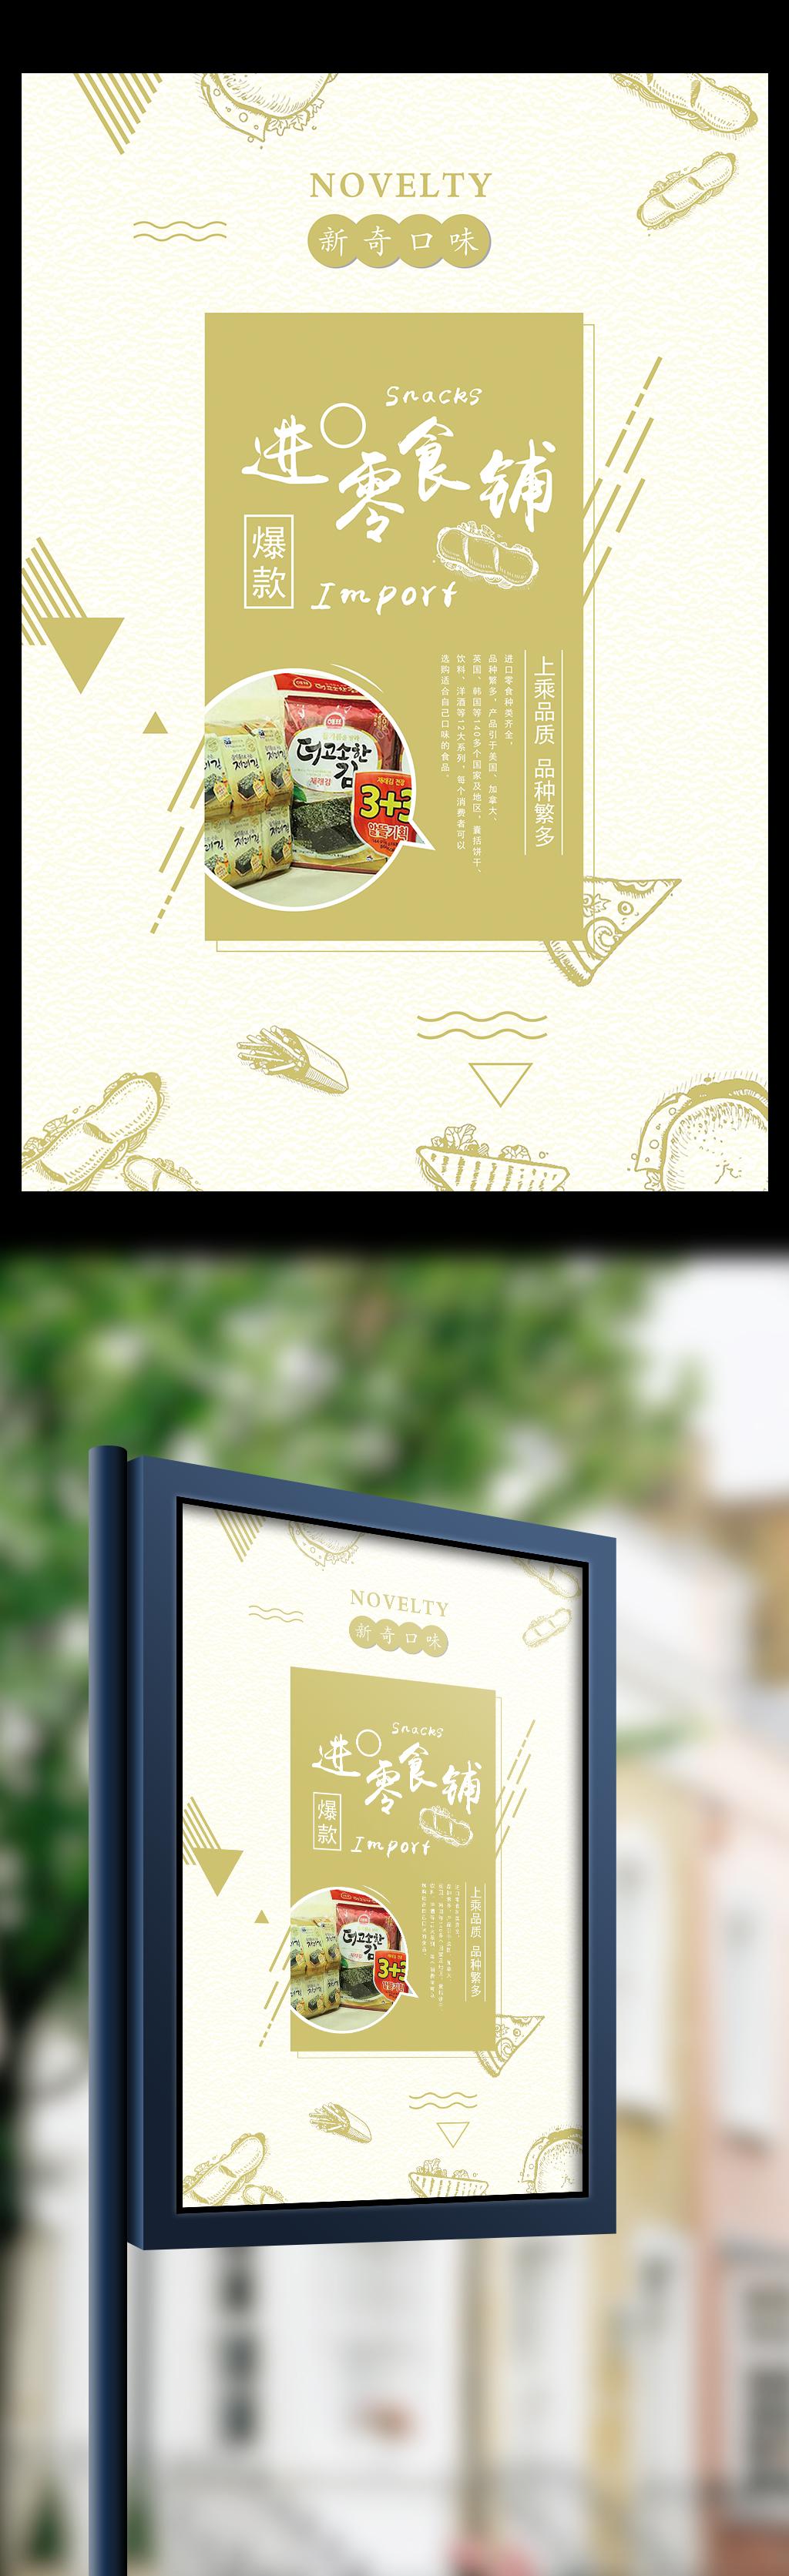 > 进口零食宣传海报设计   图片编号:26984666 文件格式:psd 颜色模式